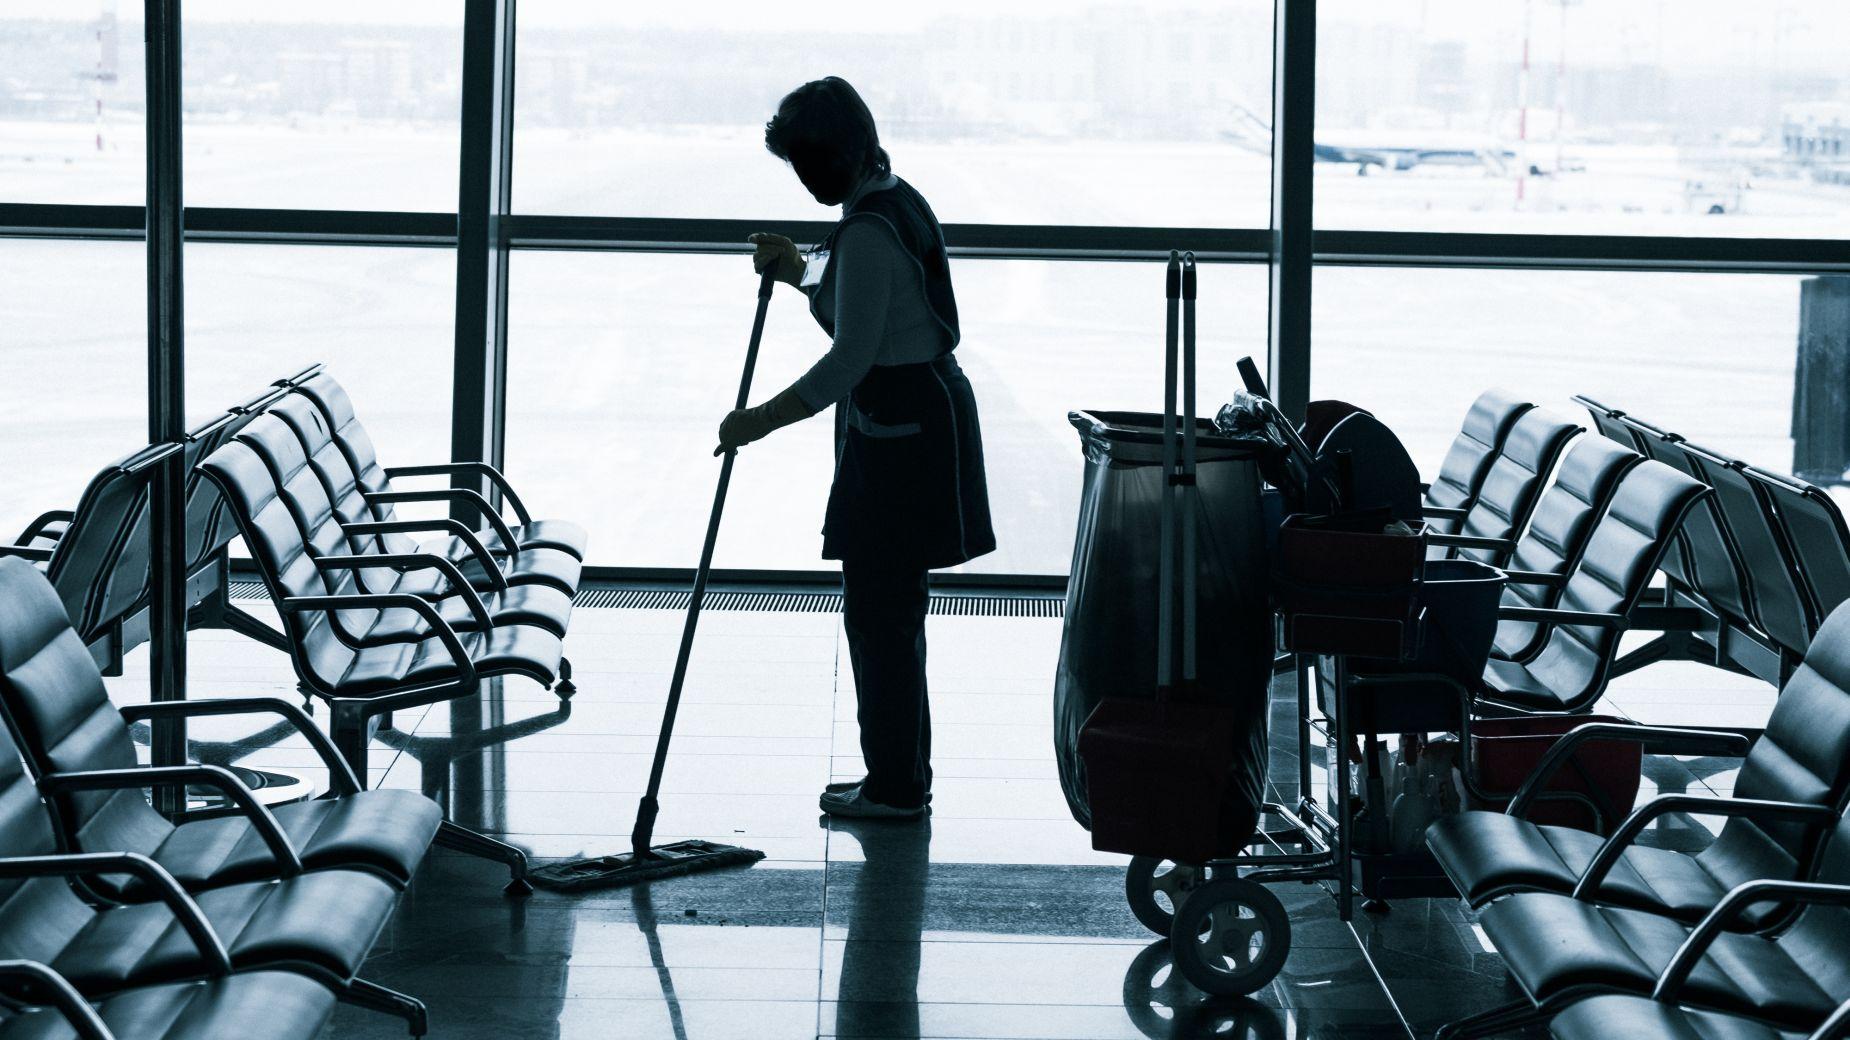 Sprzątanie na lotnisku